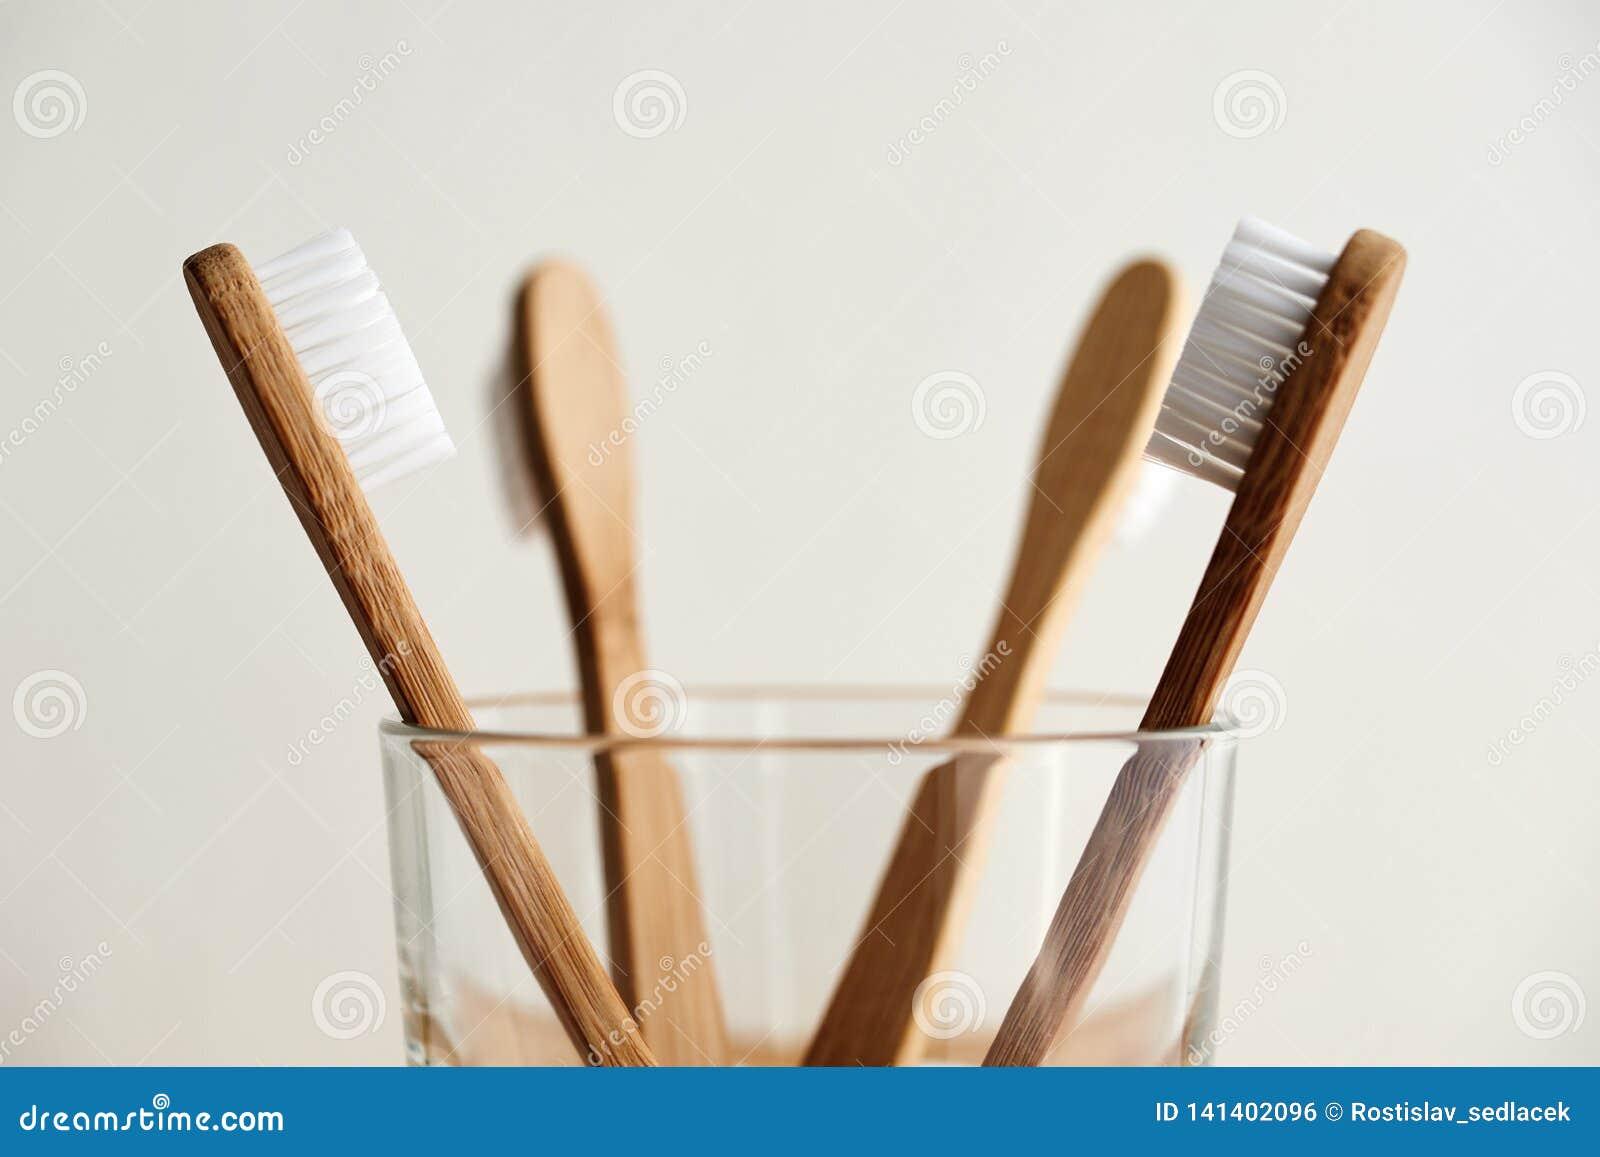 在玻璃的四把竹牙刷